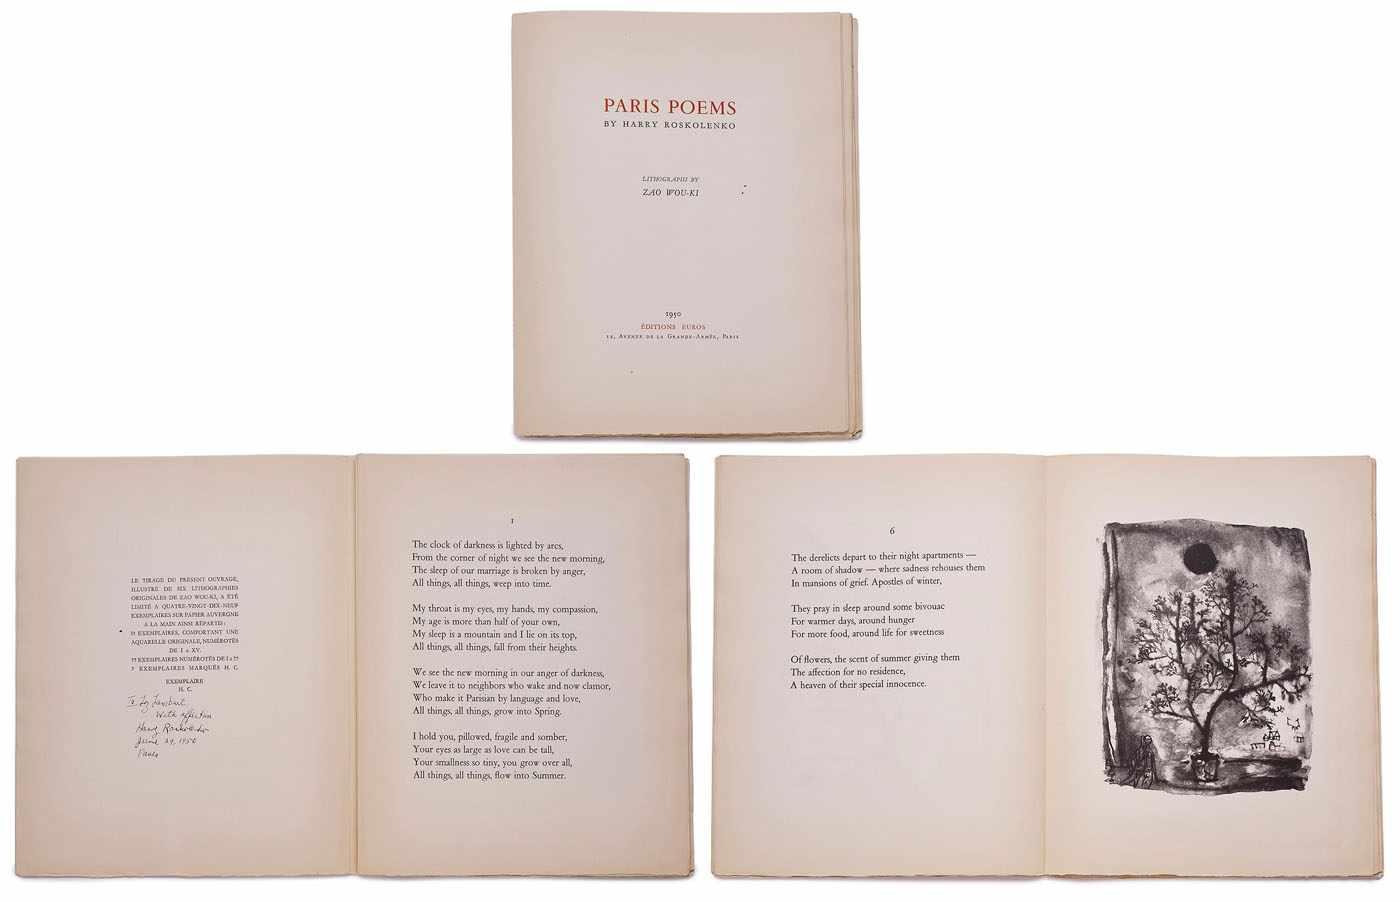 """Lot 18 - Band Harry Roskolenko""""Paris Poems"""" Éditions Euros, Paris 1950. mit: 6 Lithografien von Zao Wou-Ki"""